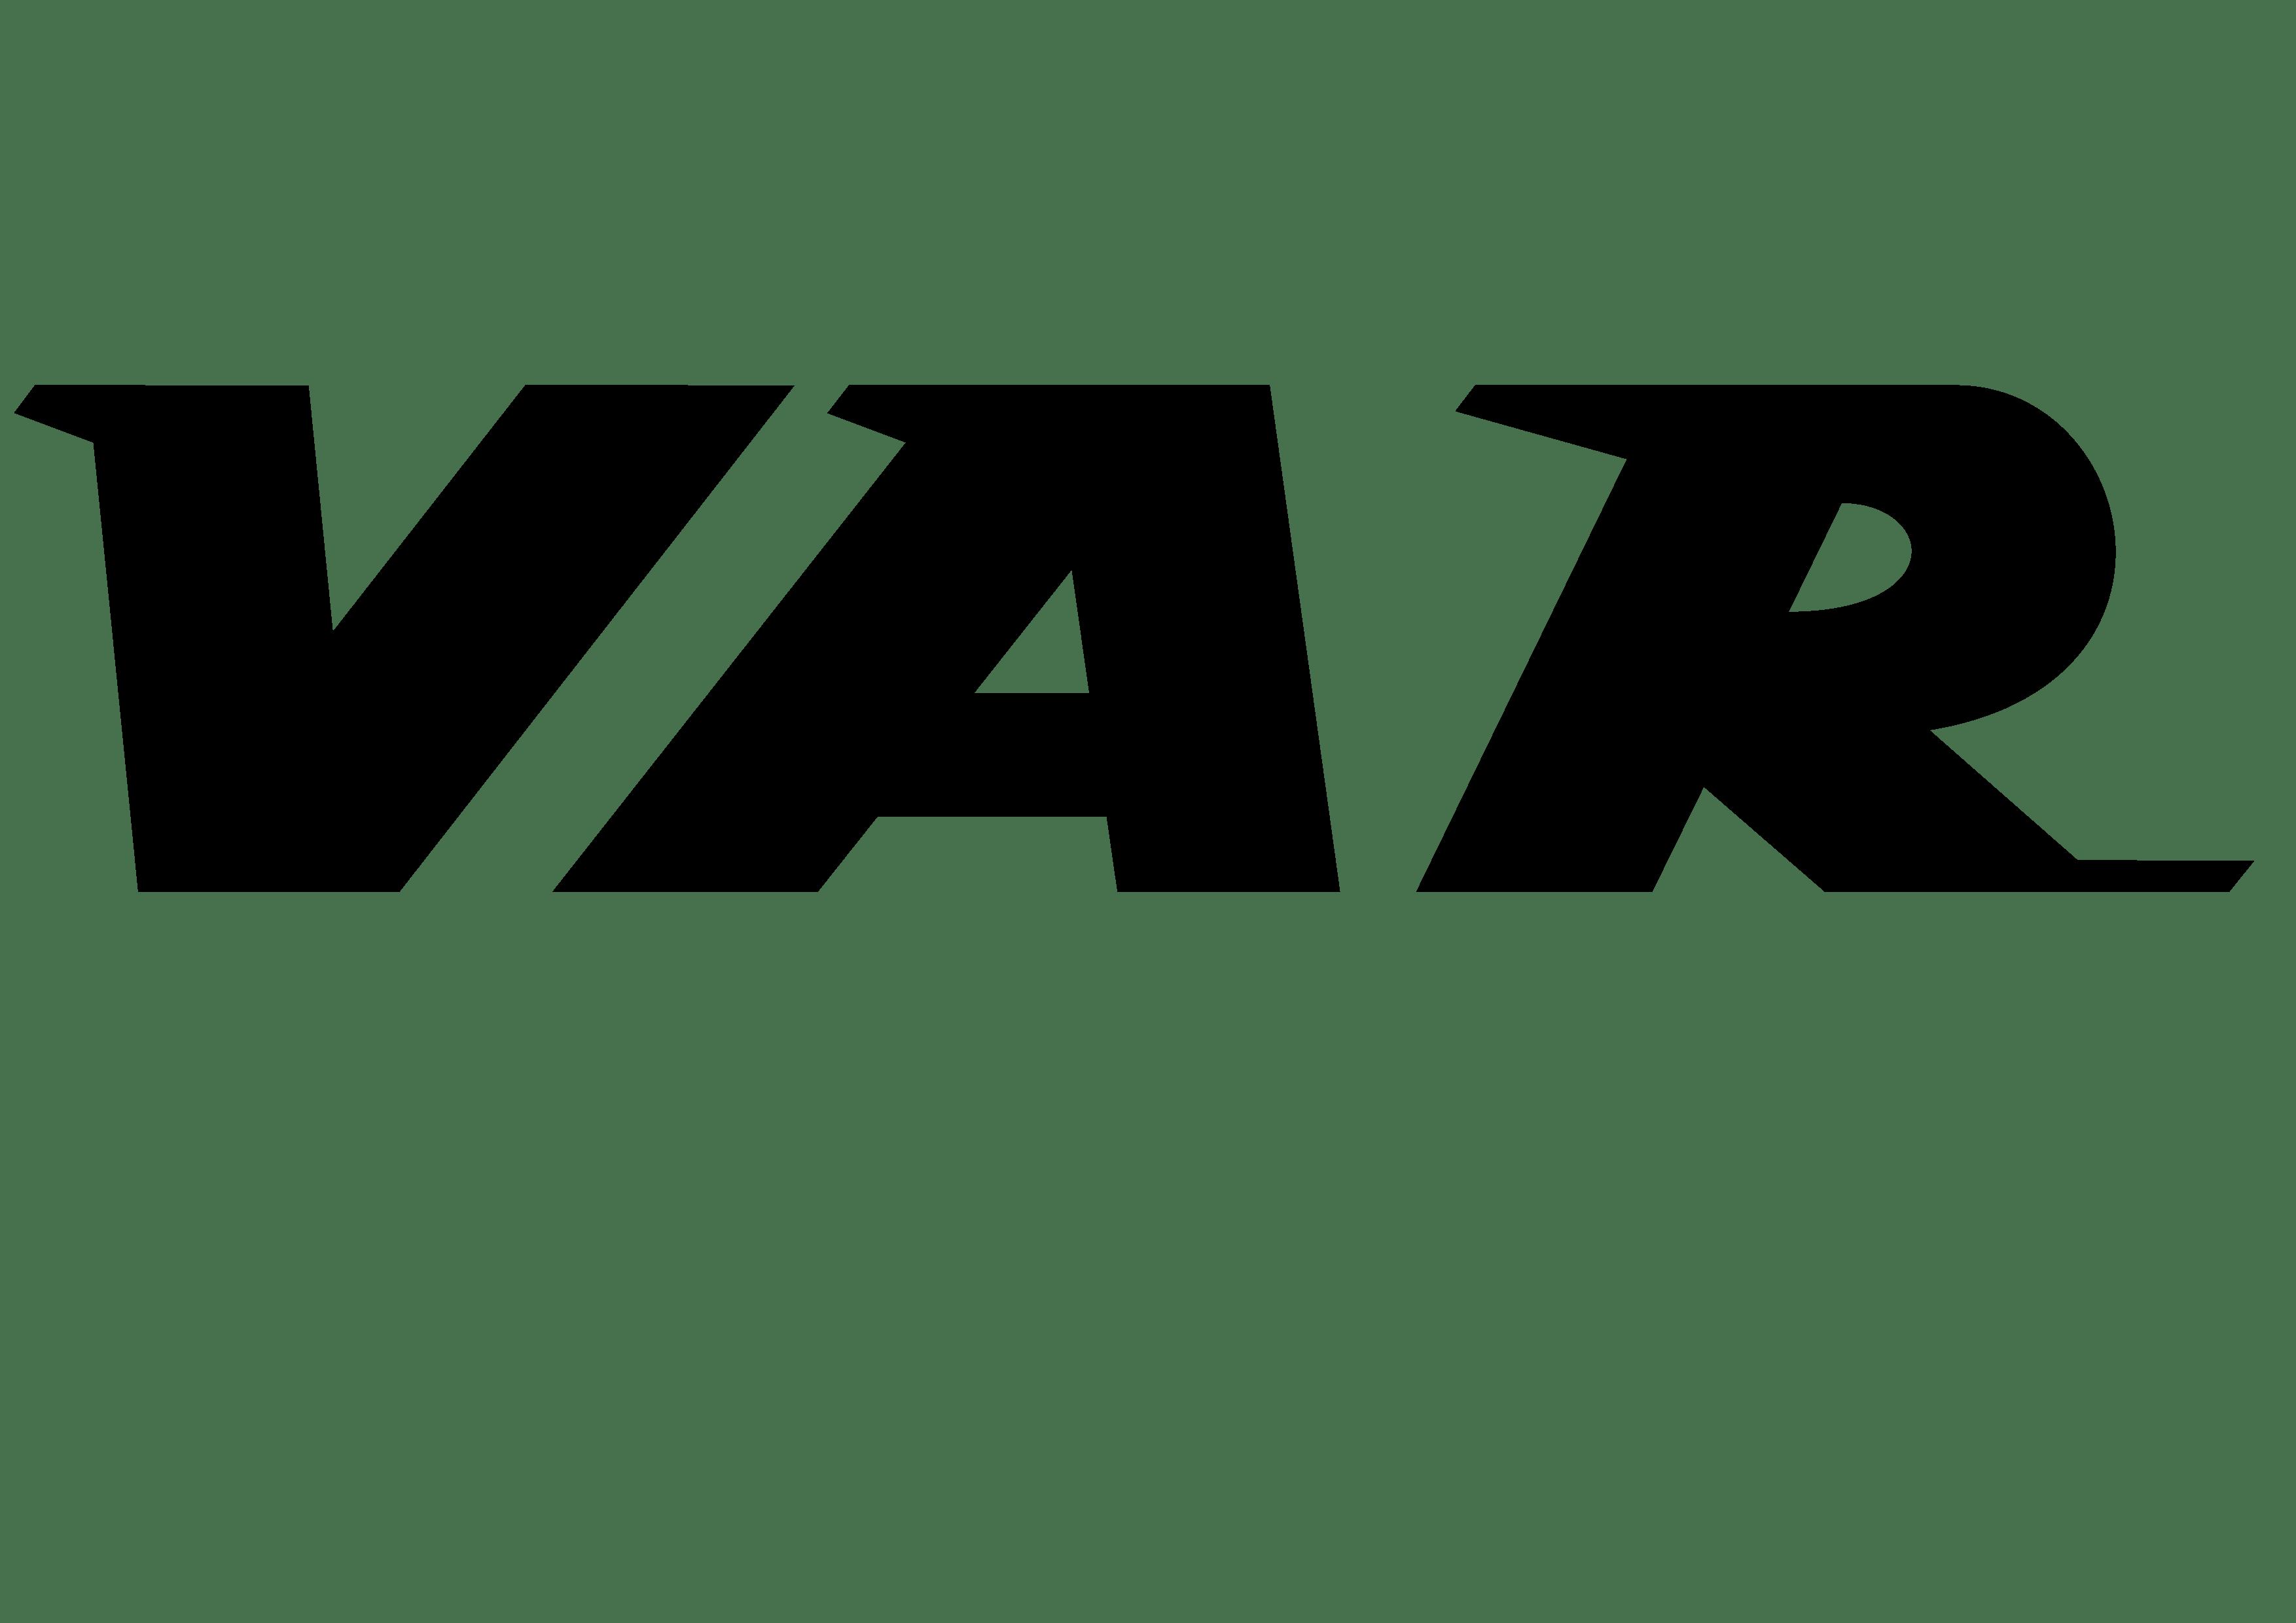 logo VAR fournisseur logiciel prodboard photoréaliste 3D L'Agence3D kitchenette logiciel configurateur concepteur planeur planificateur